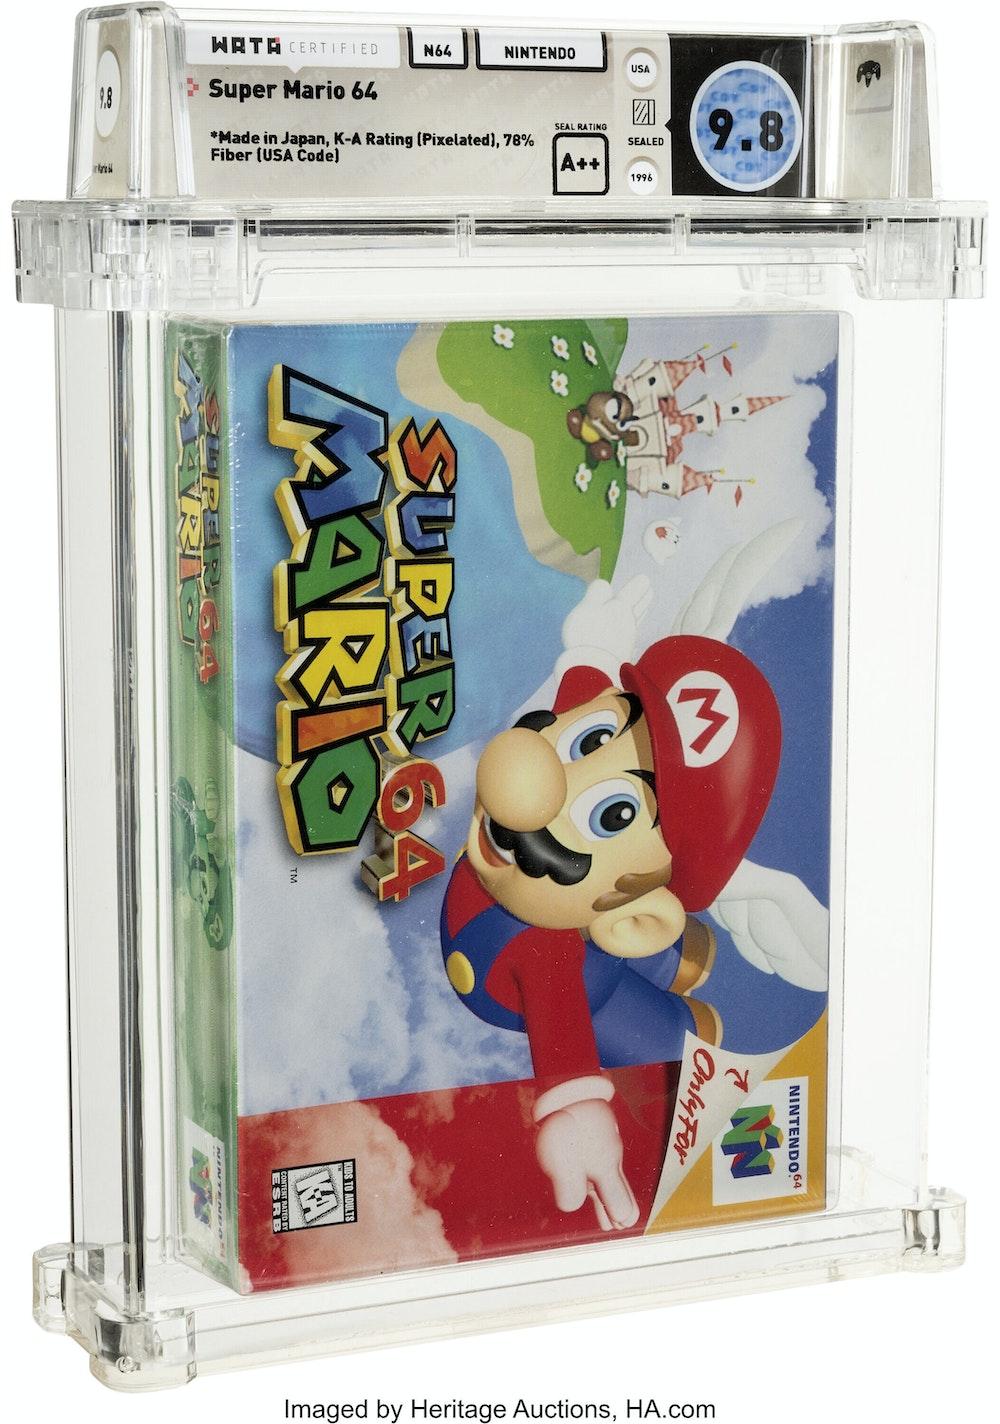 Dieses von Heritage Auctions zur Verfügung gestellte Foto zeigt die versteigerte ungeöffnete Kopie von Nintendos Super Mario 64.